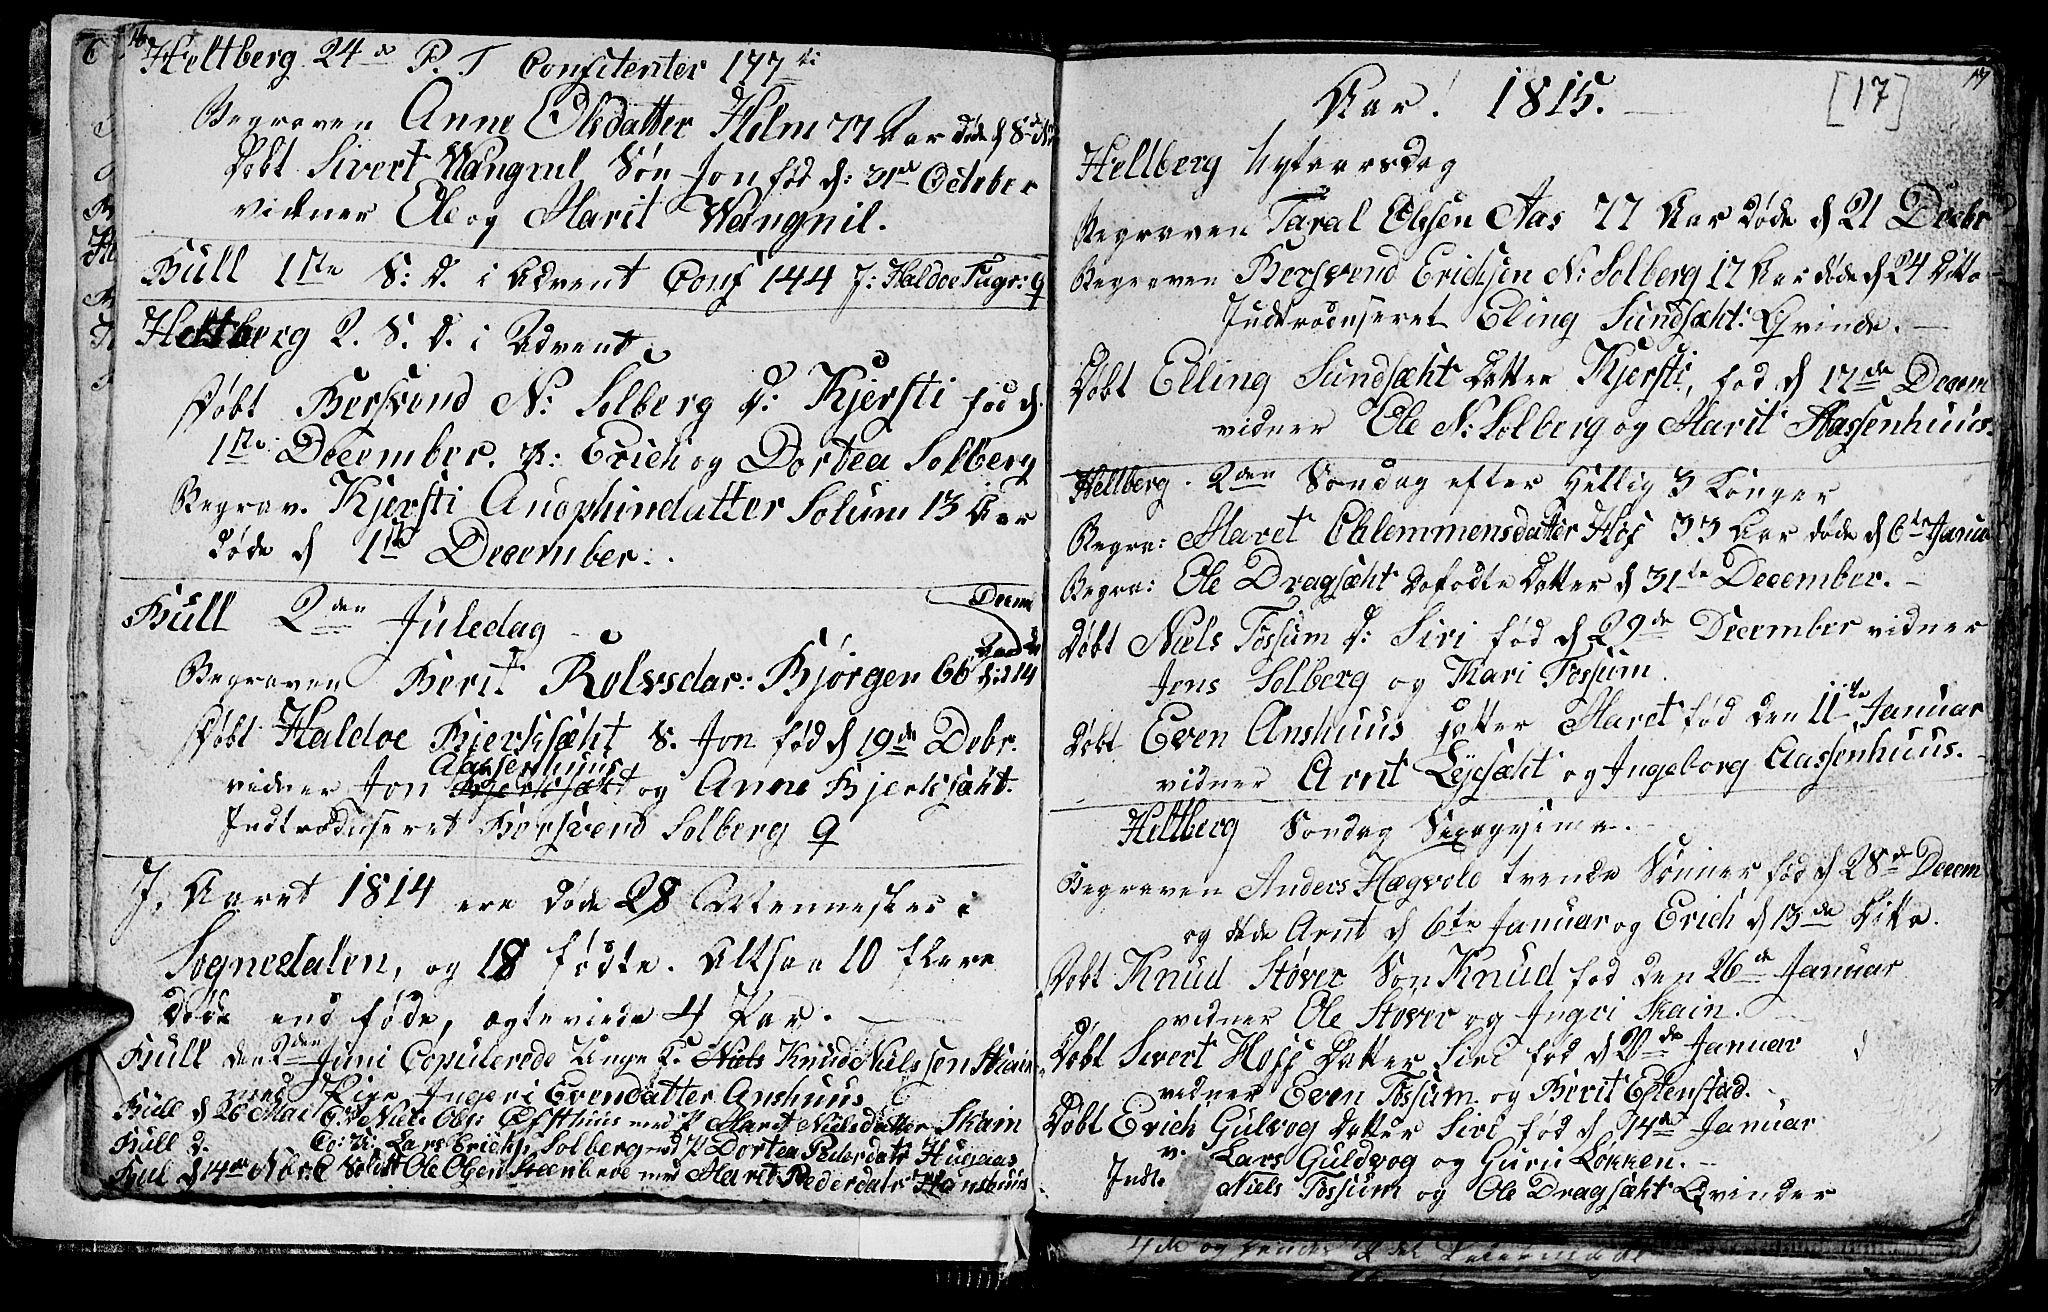 SAT, Ministerialprotokoller, klokkerbøker og fødselsregistre - Sør-Trøndelag, 689/L1042: Klokkerbok nr. 689C01, 1812-1841, s. 16-17